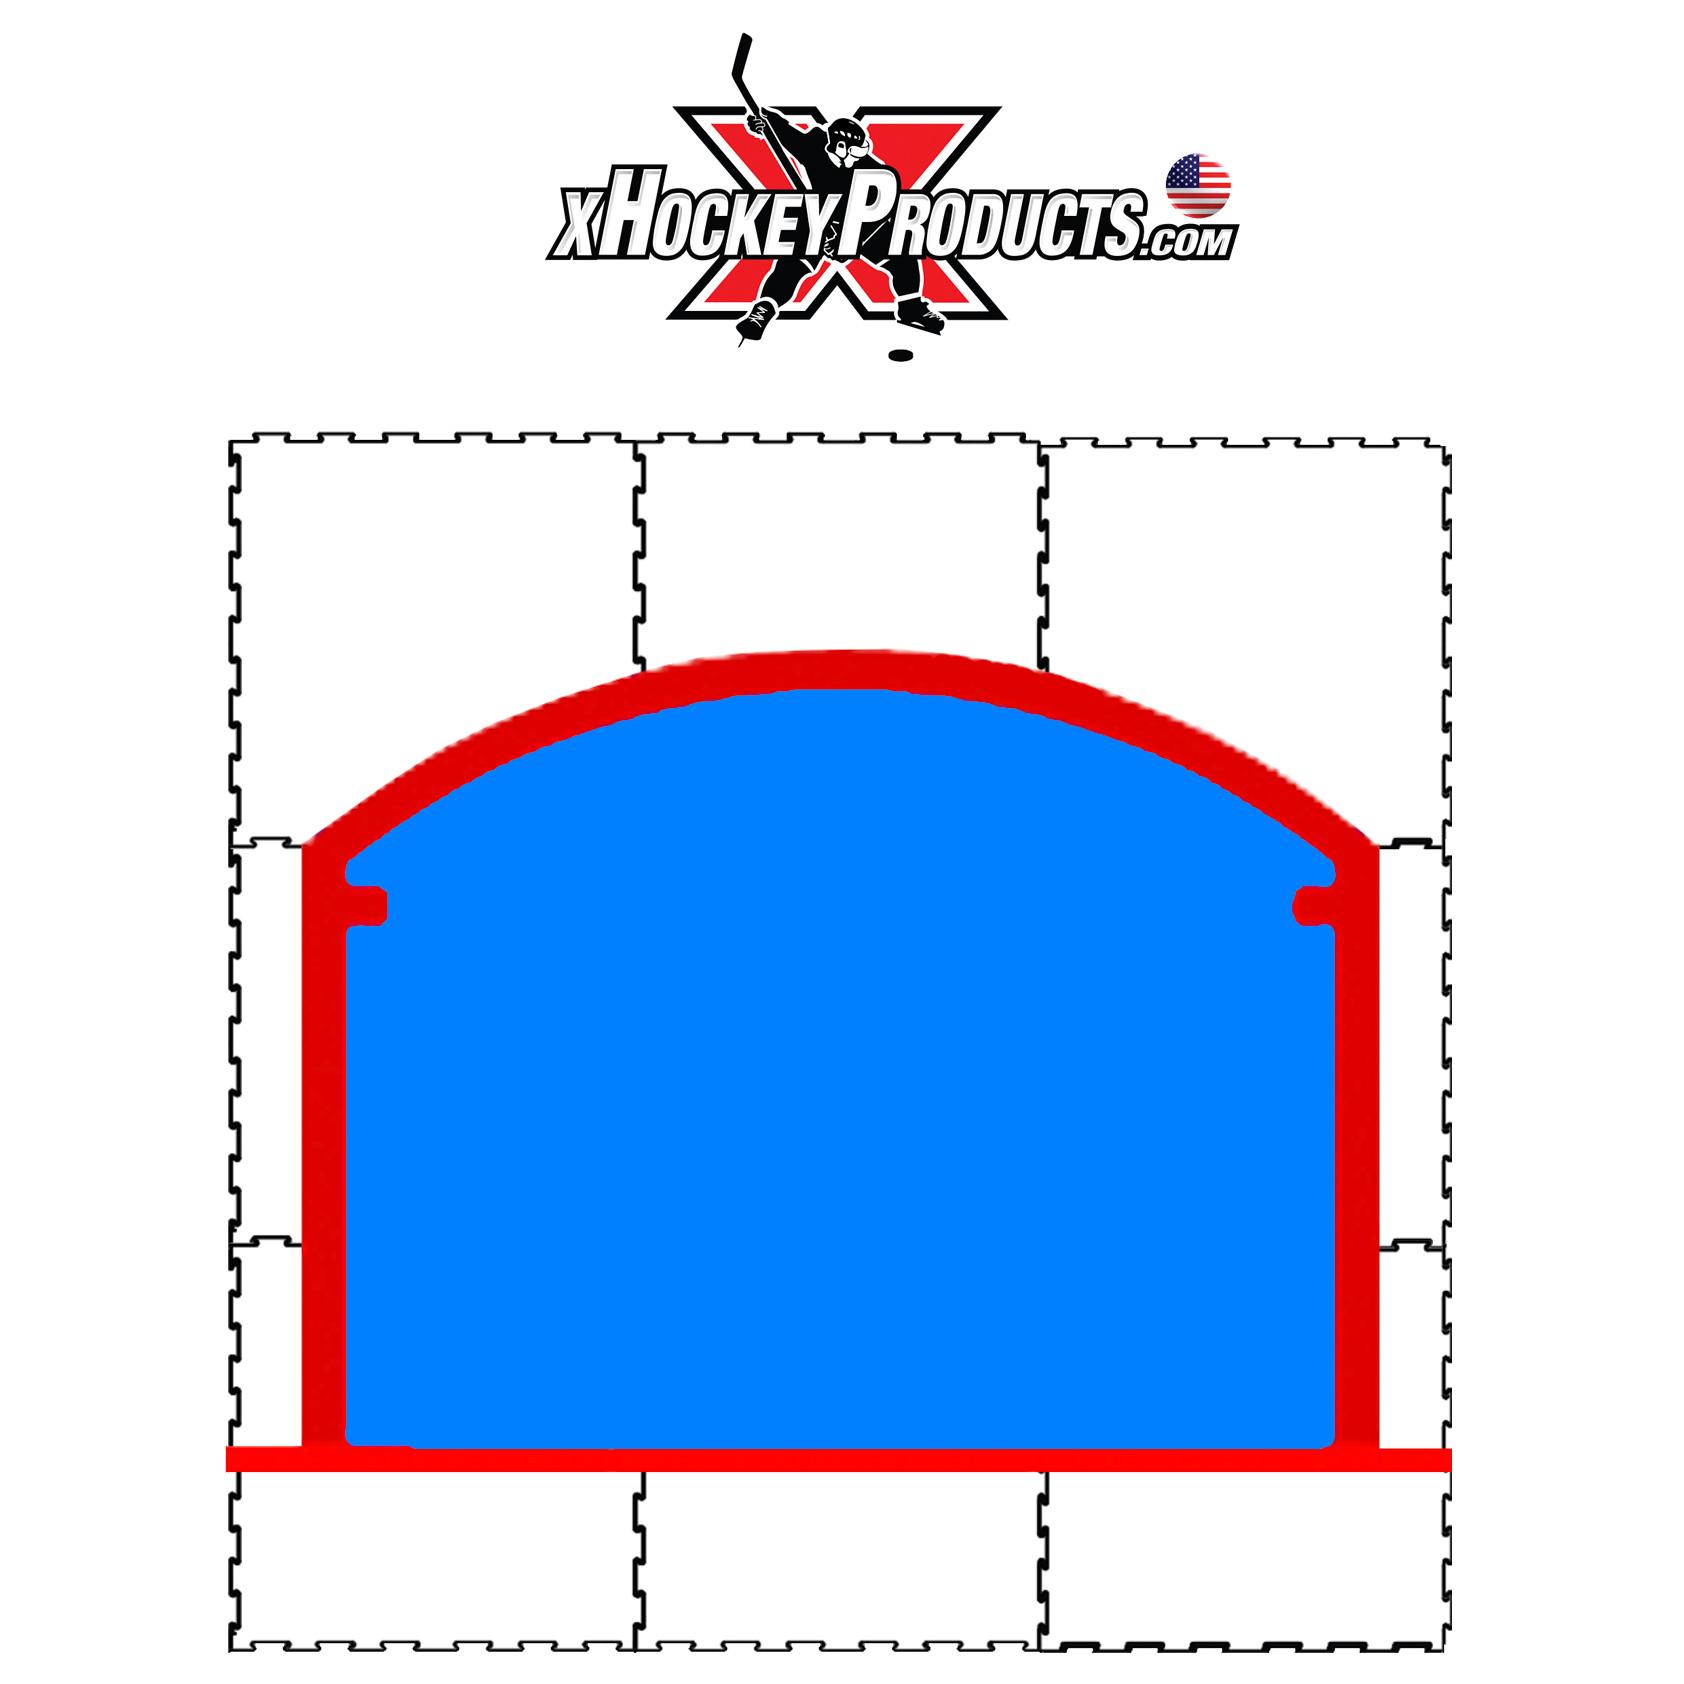 xGlide15 Goal Crease